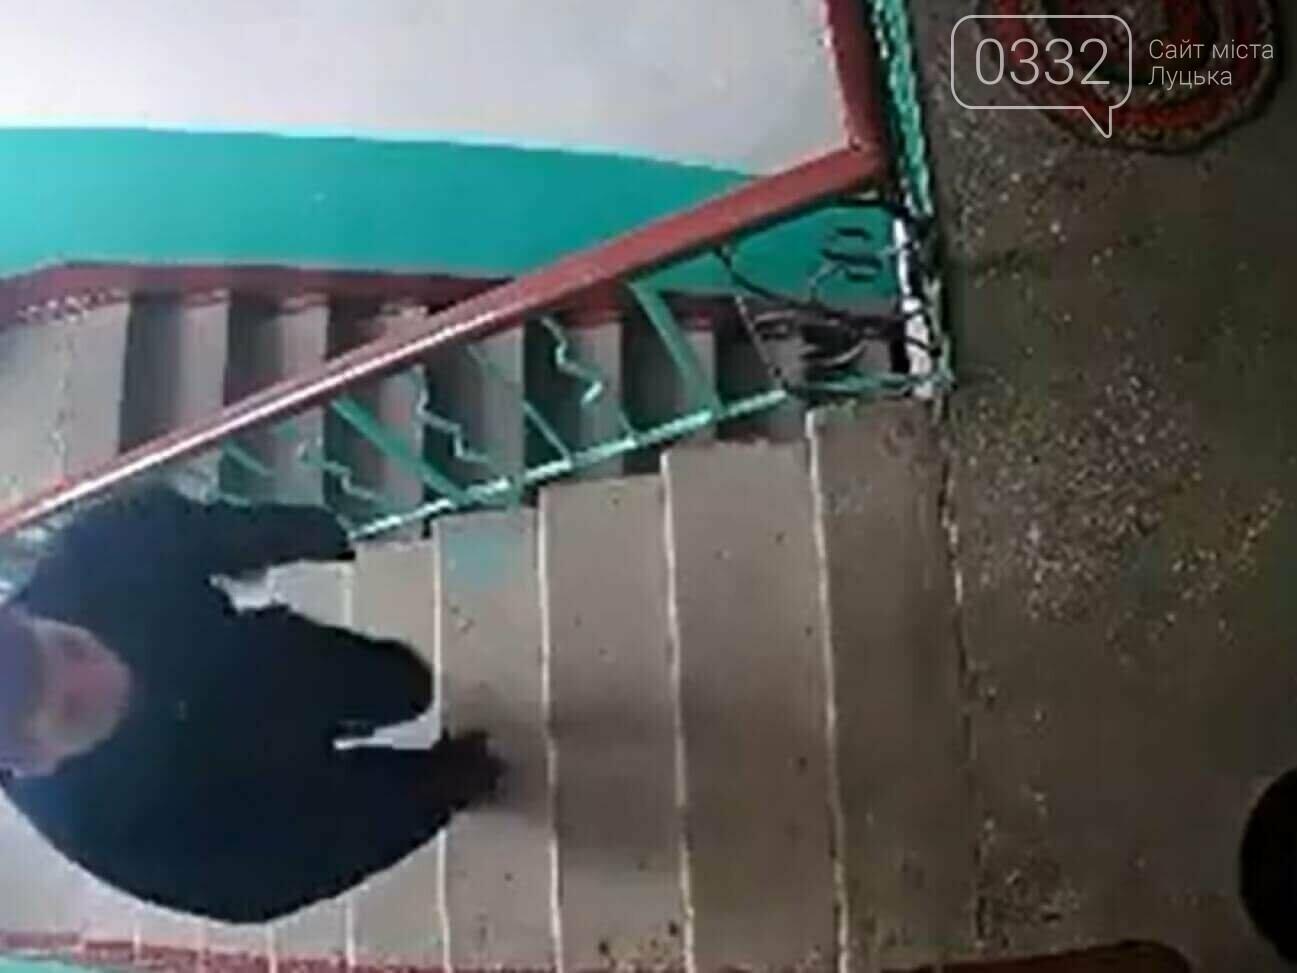 У місті на Волині невідомий ходить по під'їздах та перевіряє замки квартир, фото-1